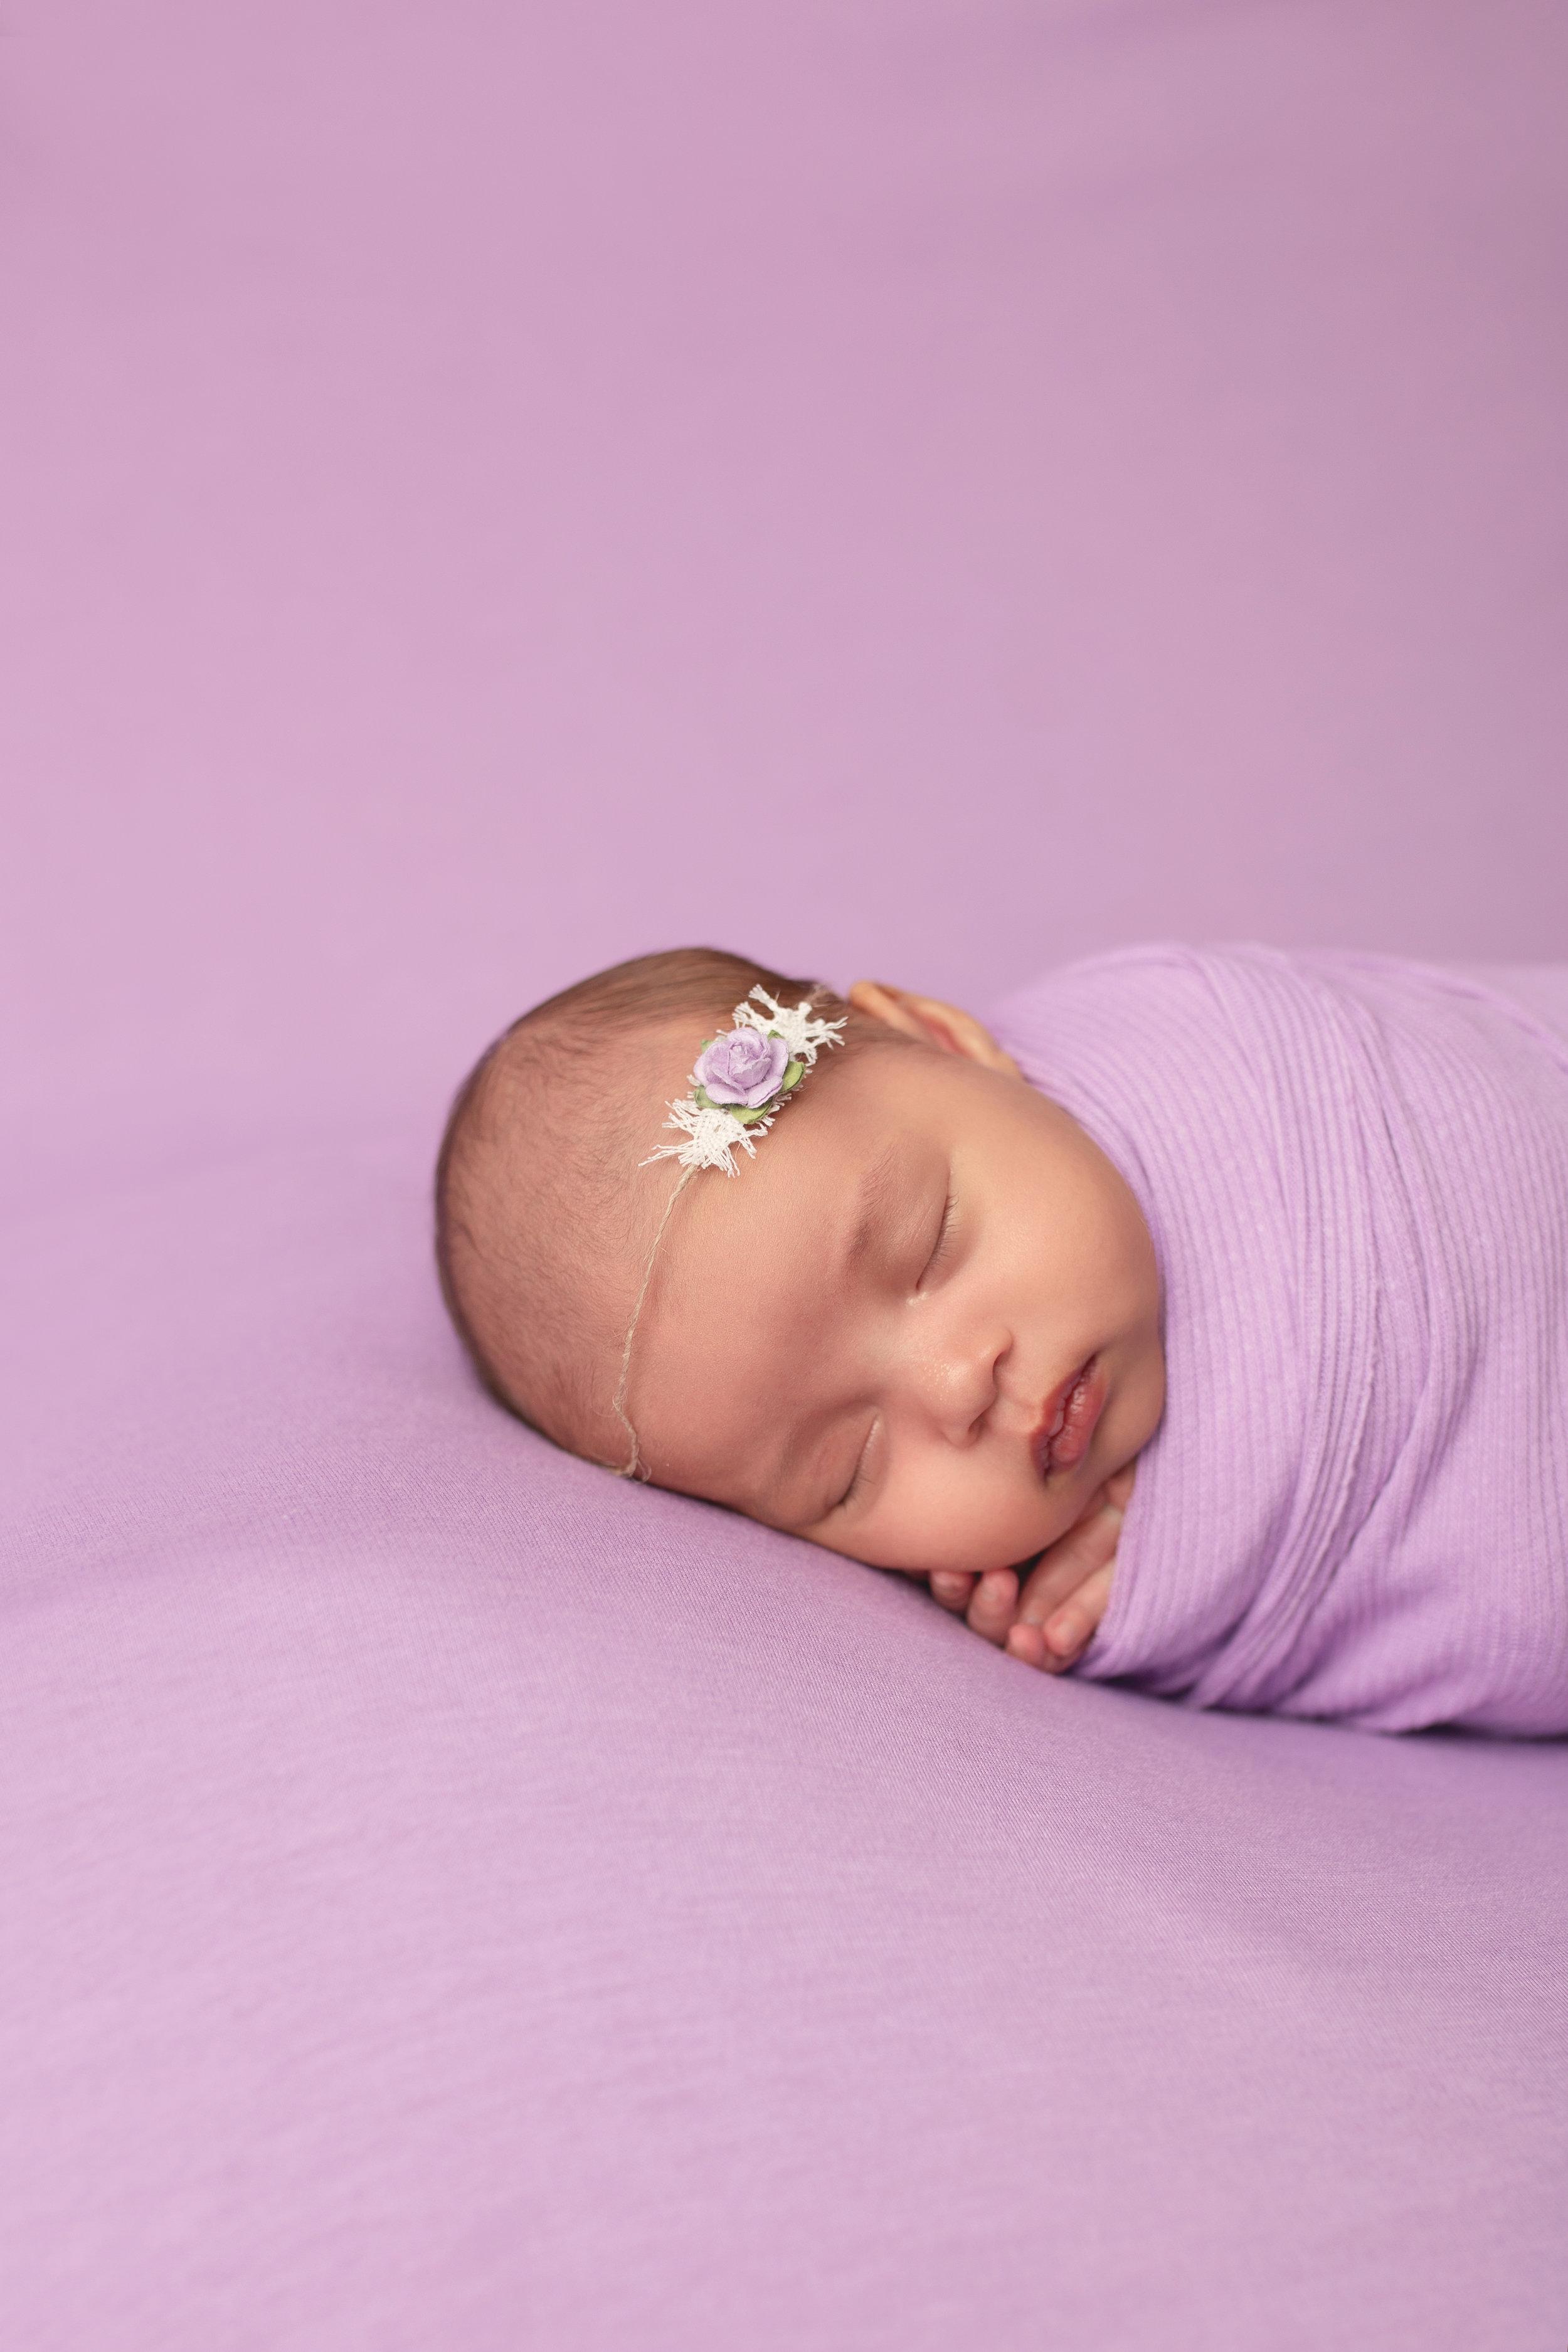 anchorage-newborn-photographer-8.jpg